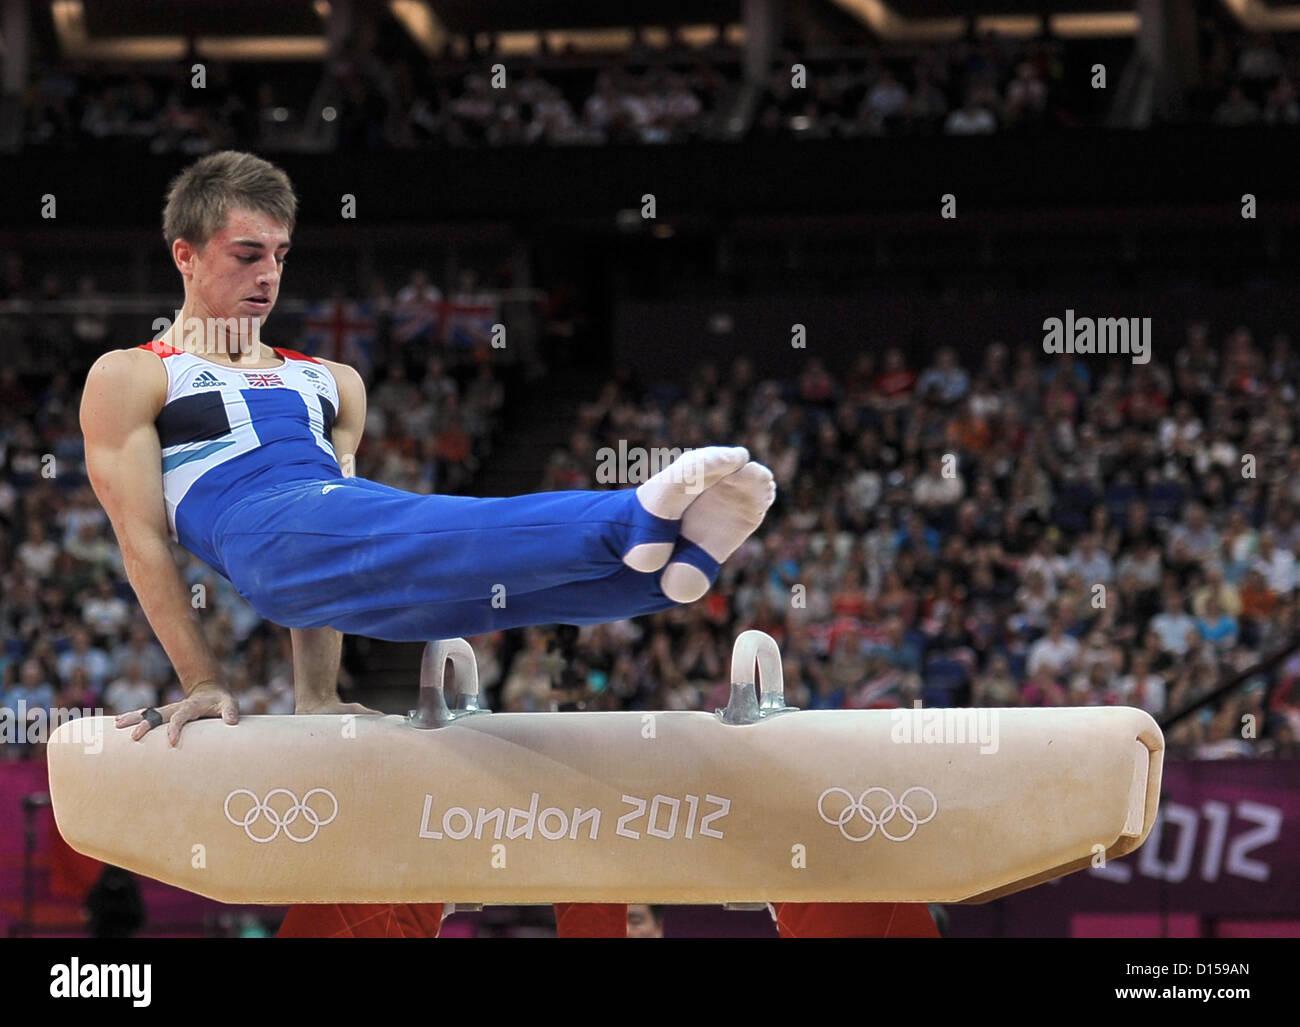 Max Whitlock (GBR, Gran Bretaña). Gimnasia individual Imagen De Stock